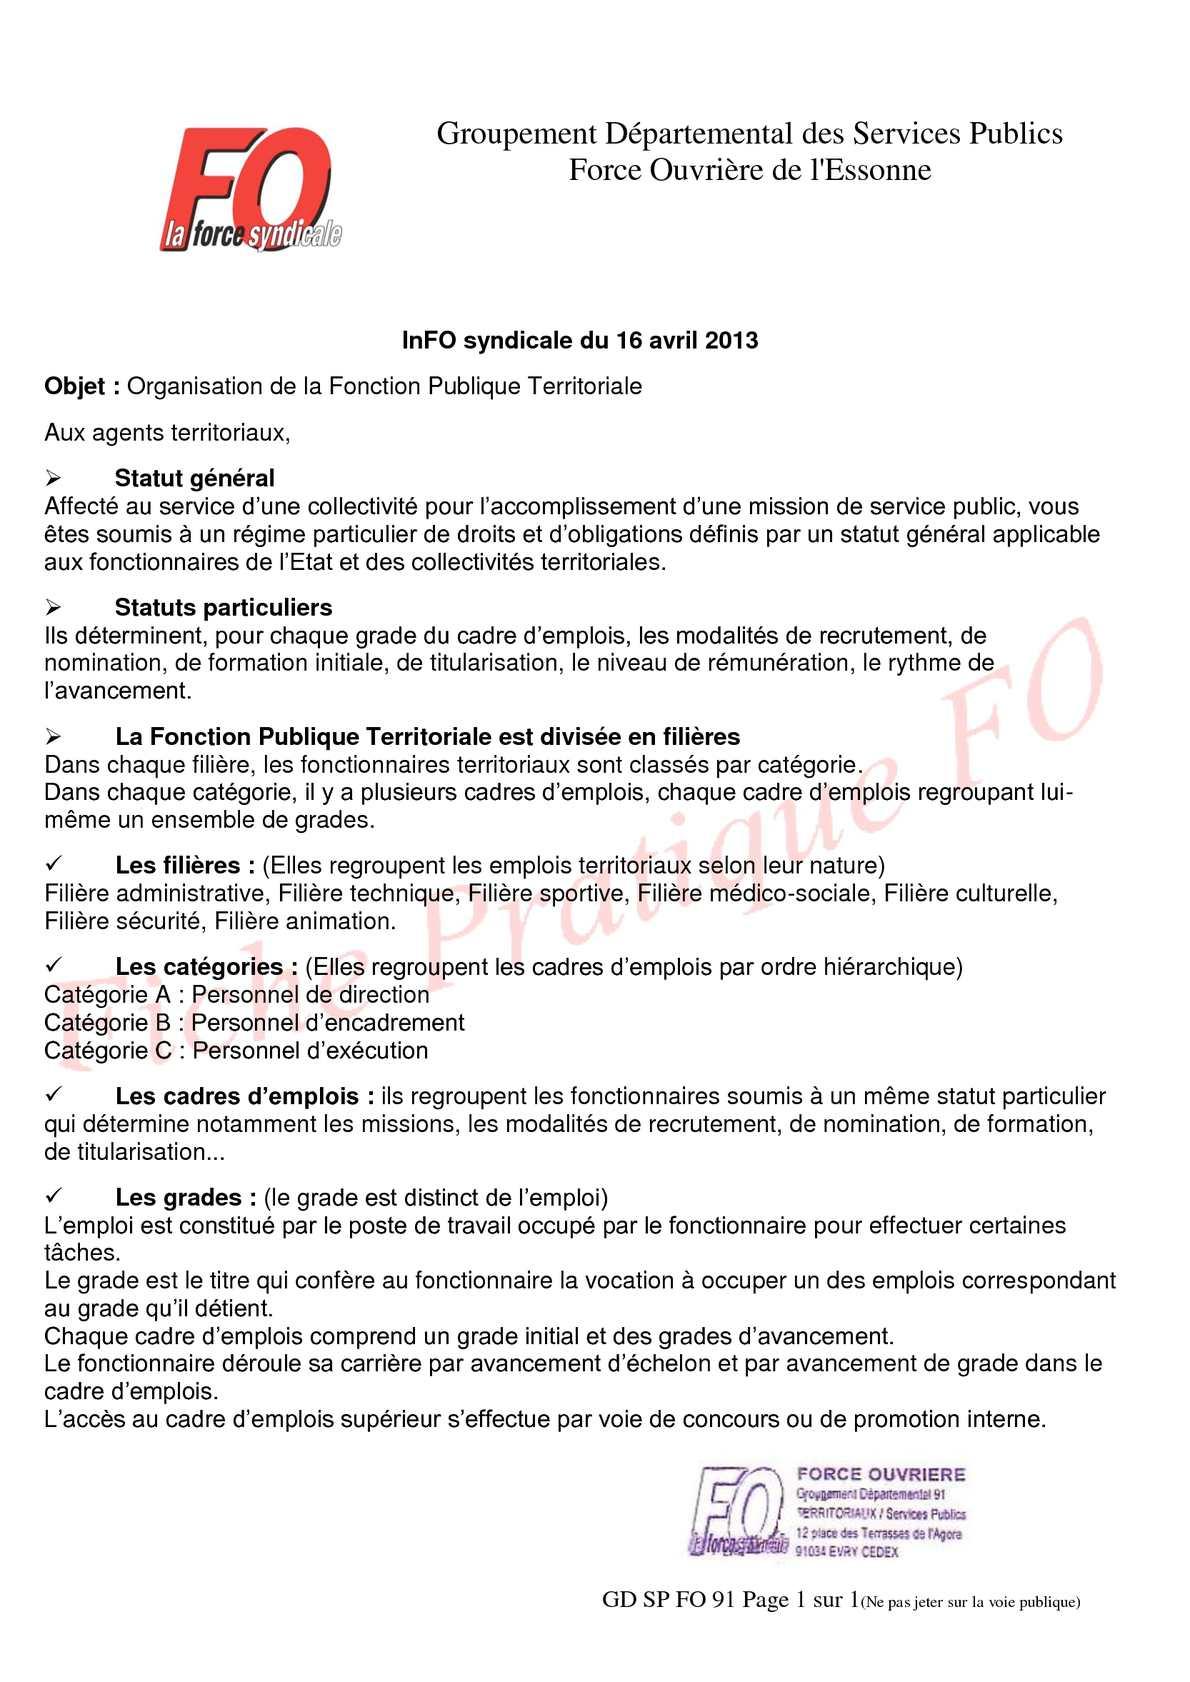 0061e2a22ee Calaméo - (15) InFO syndicale du 16-04-13 FOGD91